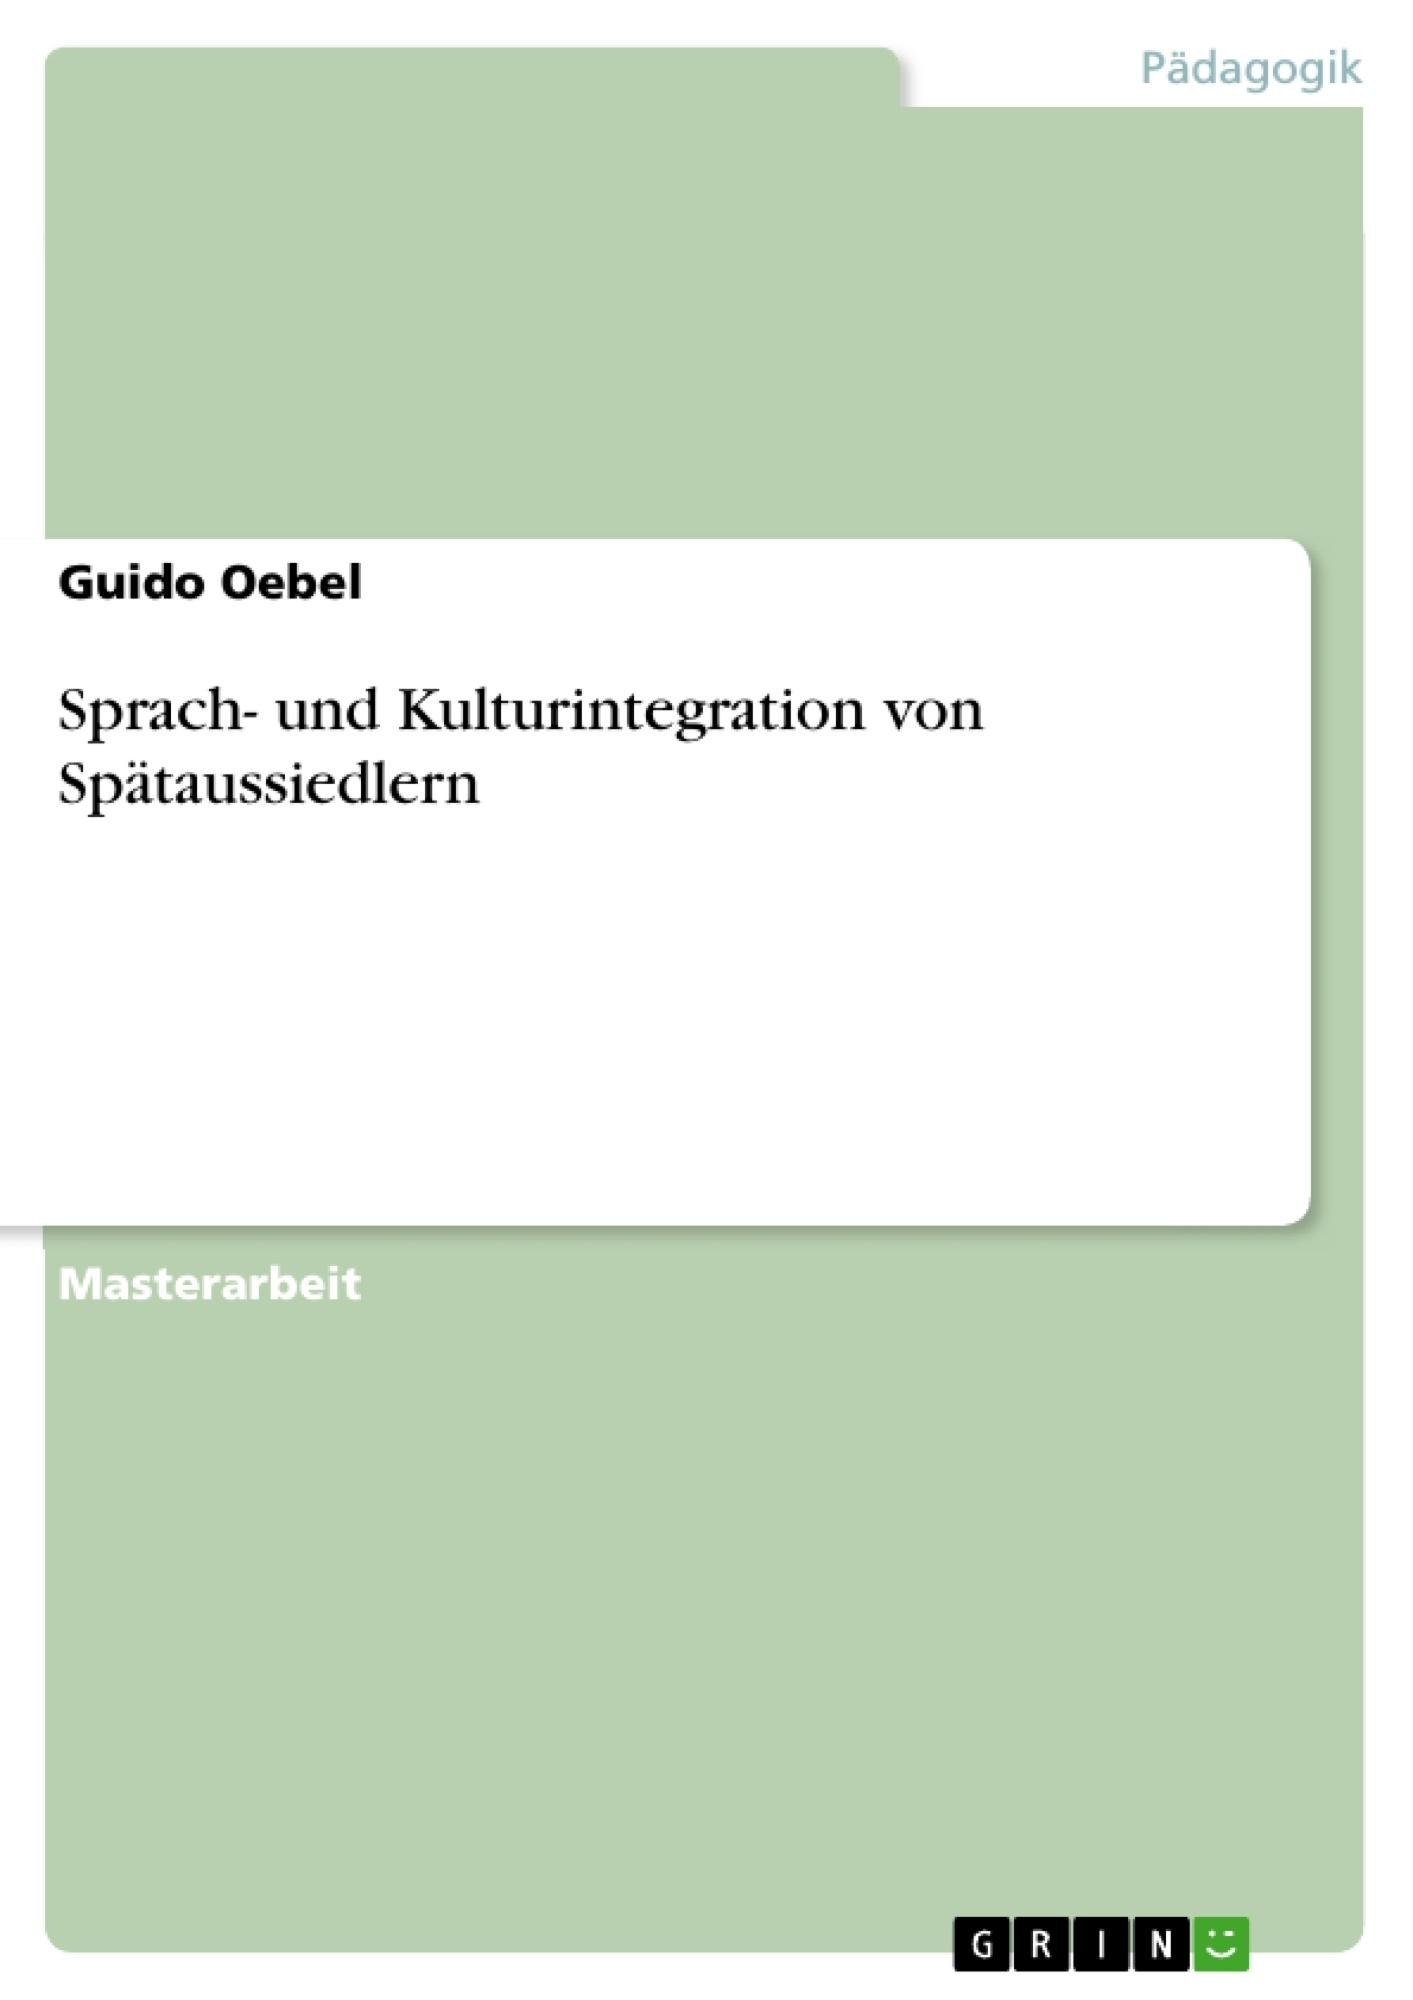 Titel: Sprach- und Kulturintegration von Spätaussiedlern